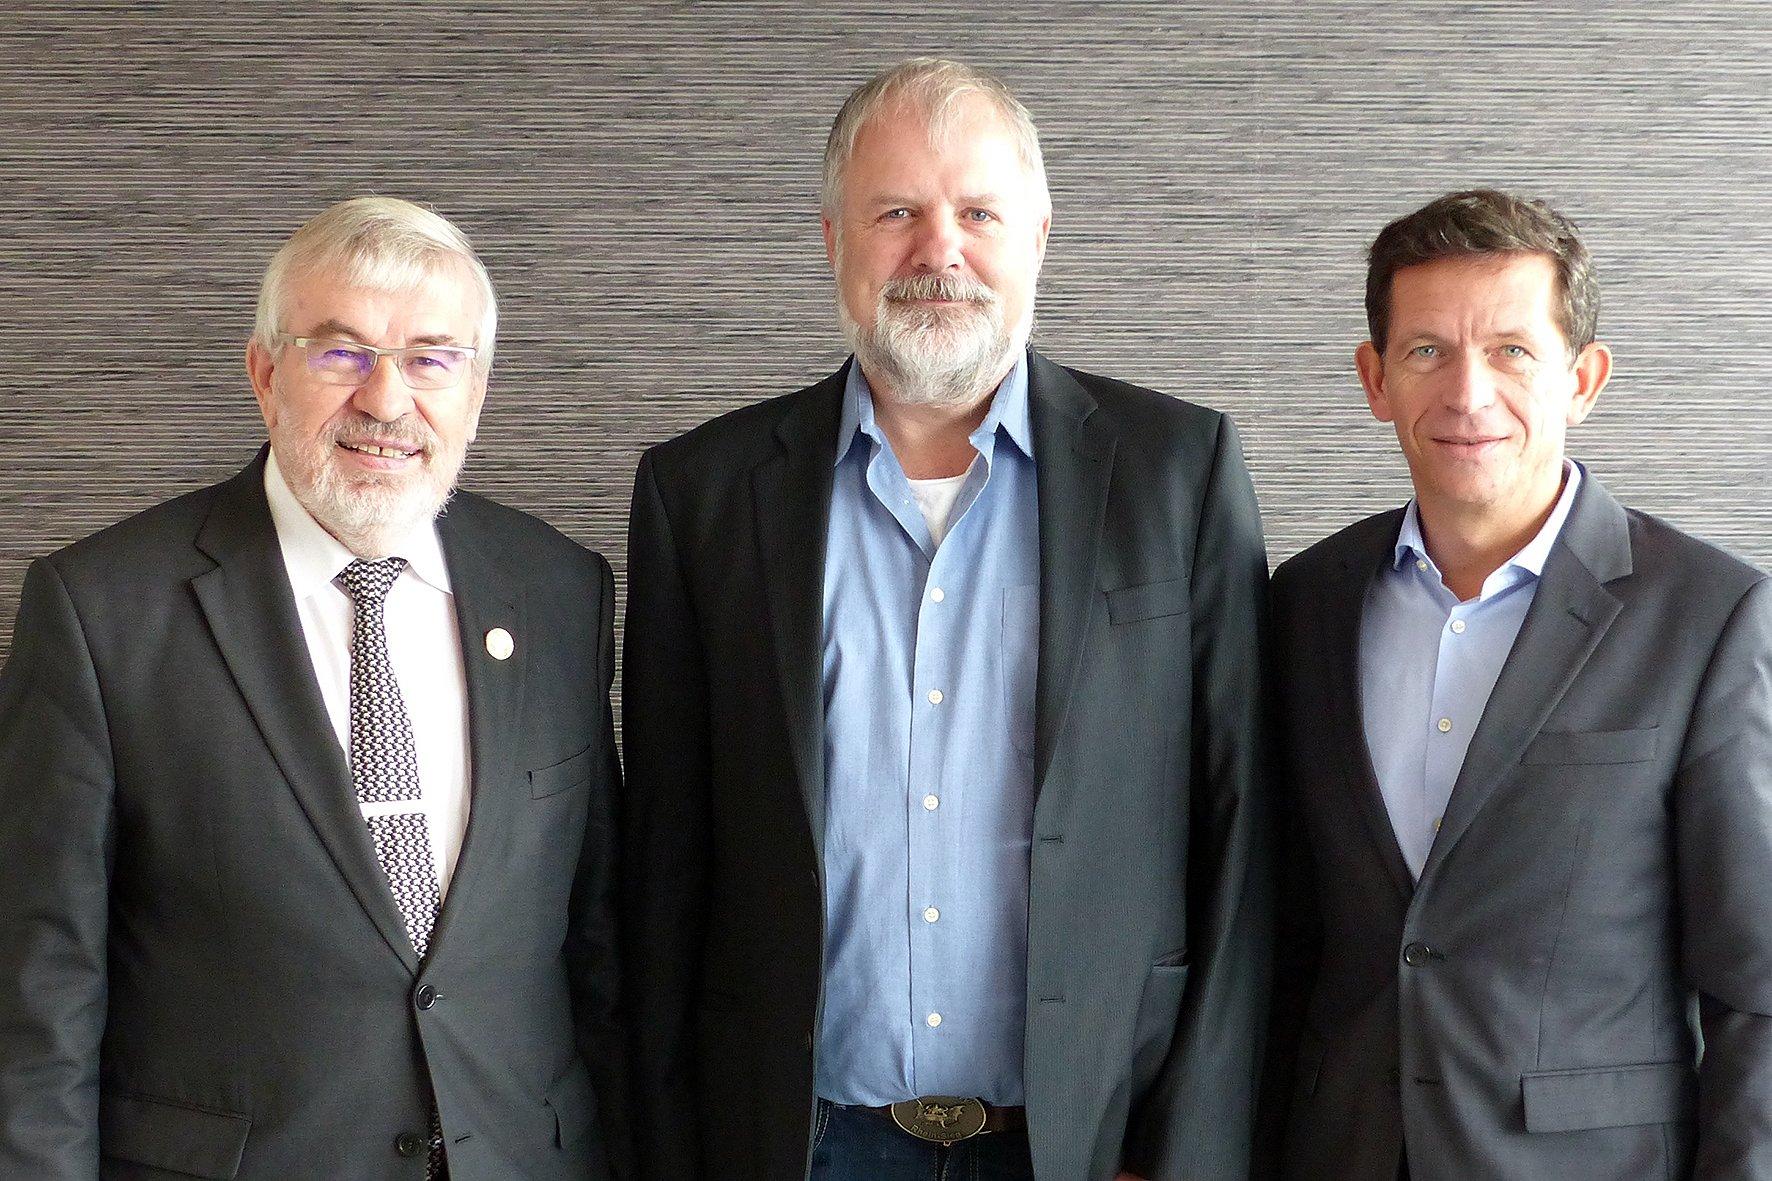 Der neue Vorstand der Hans-Joachim Kaps-Stiftung (v.l.n.r.): Kurt Ehrke, Gunther Maassen und Ilias Papadopoulos. (Foto: Kaps-Stiftung)